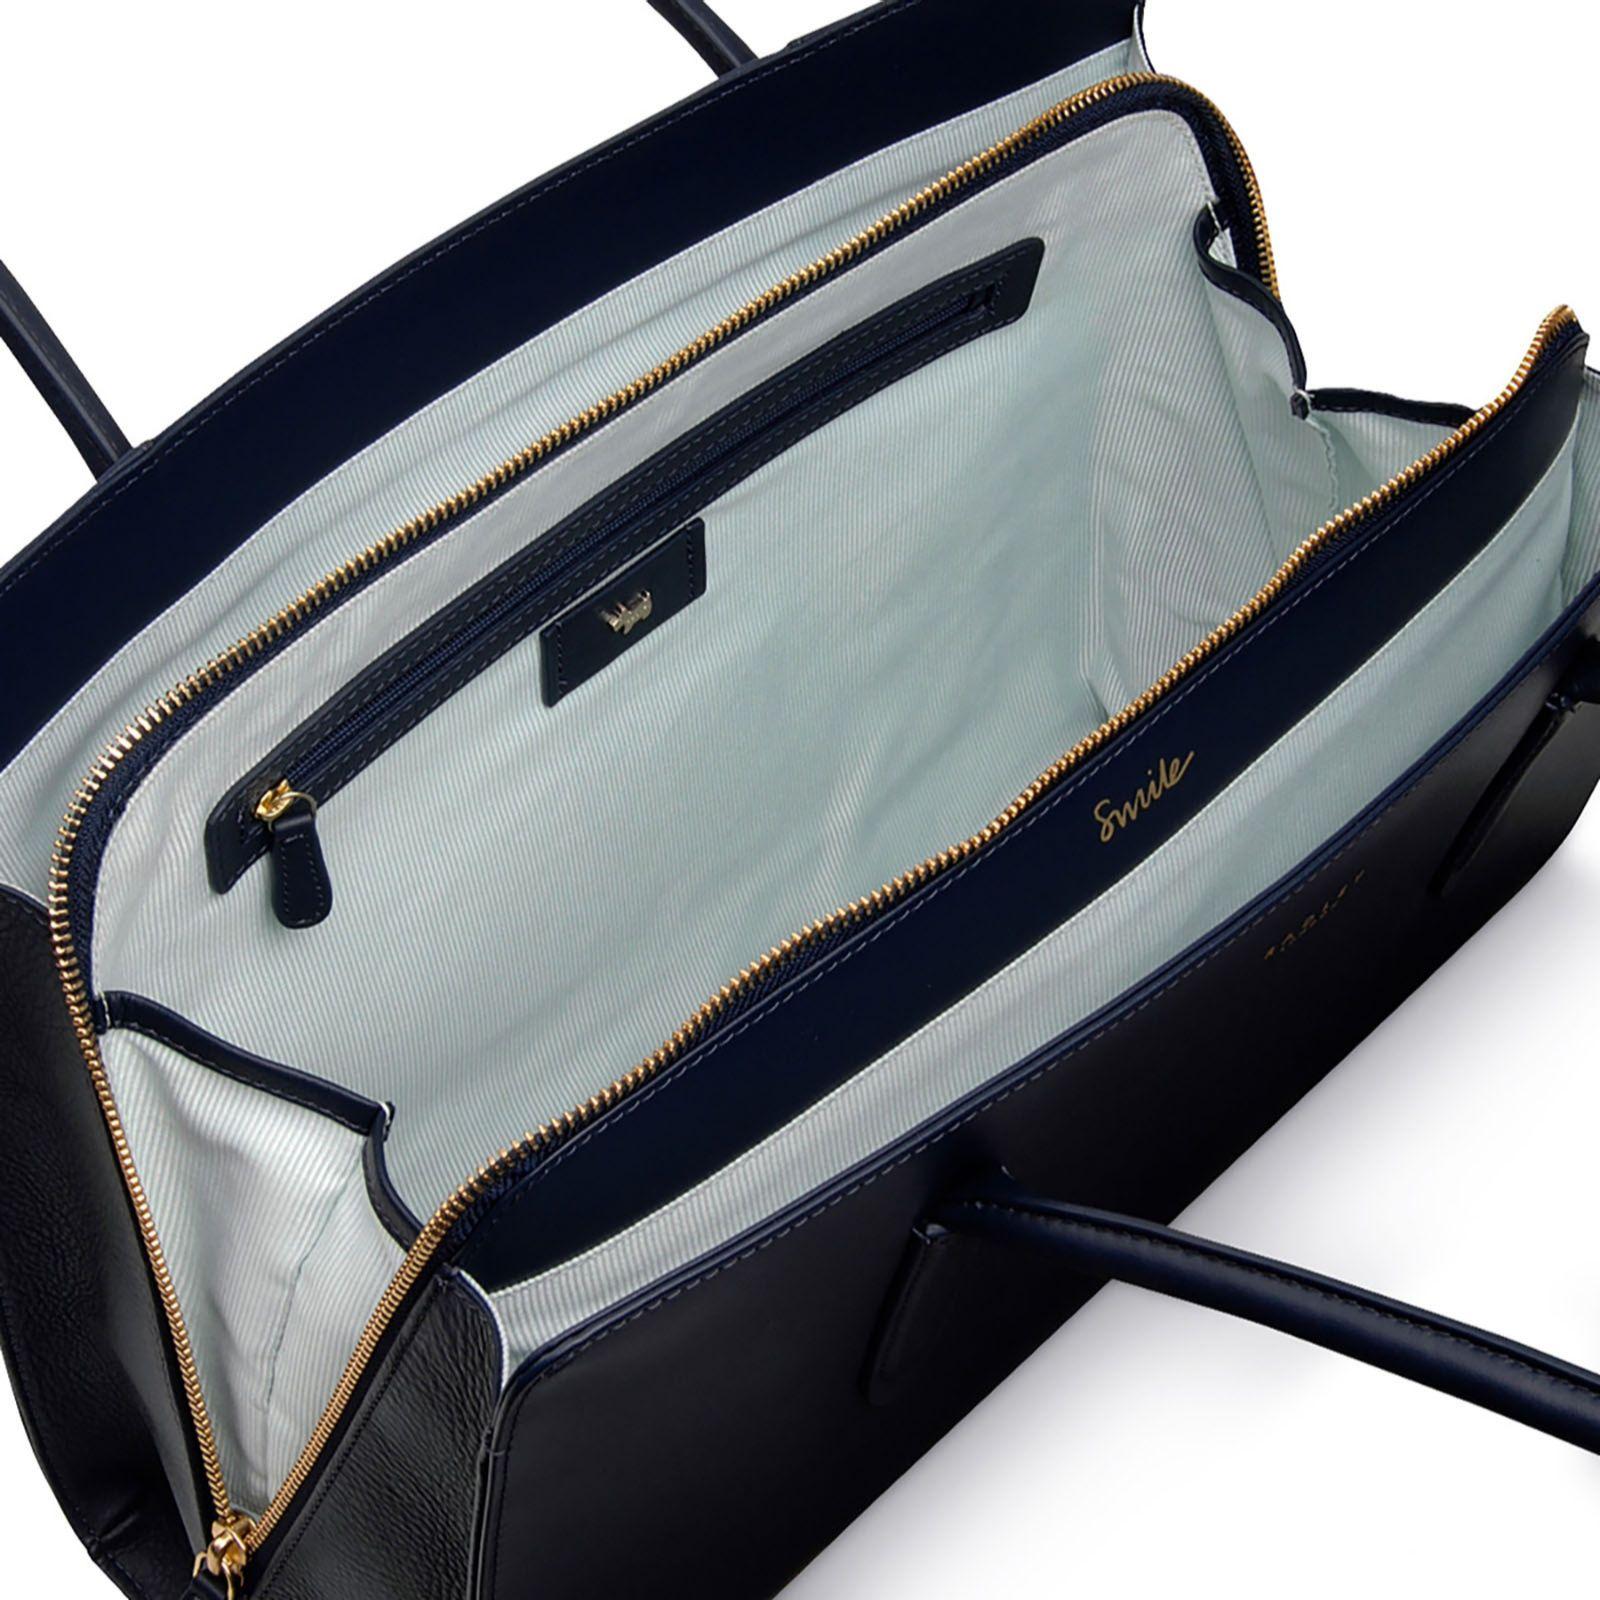 46448f119dfe Radley London Liverpool Street Shoulder Bag - QVC UK